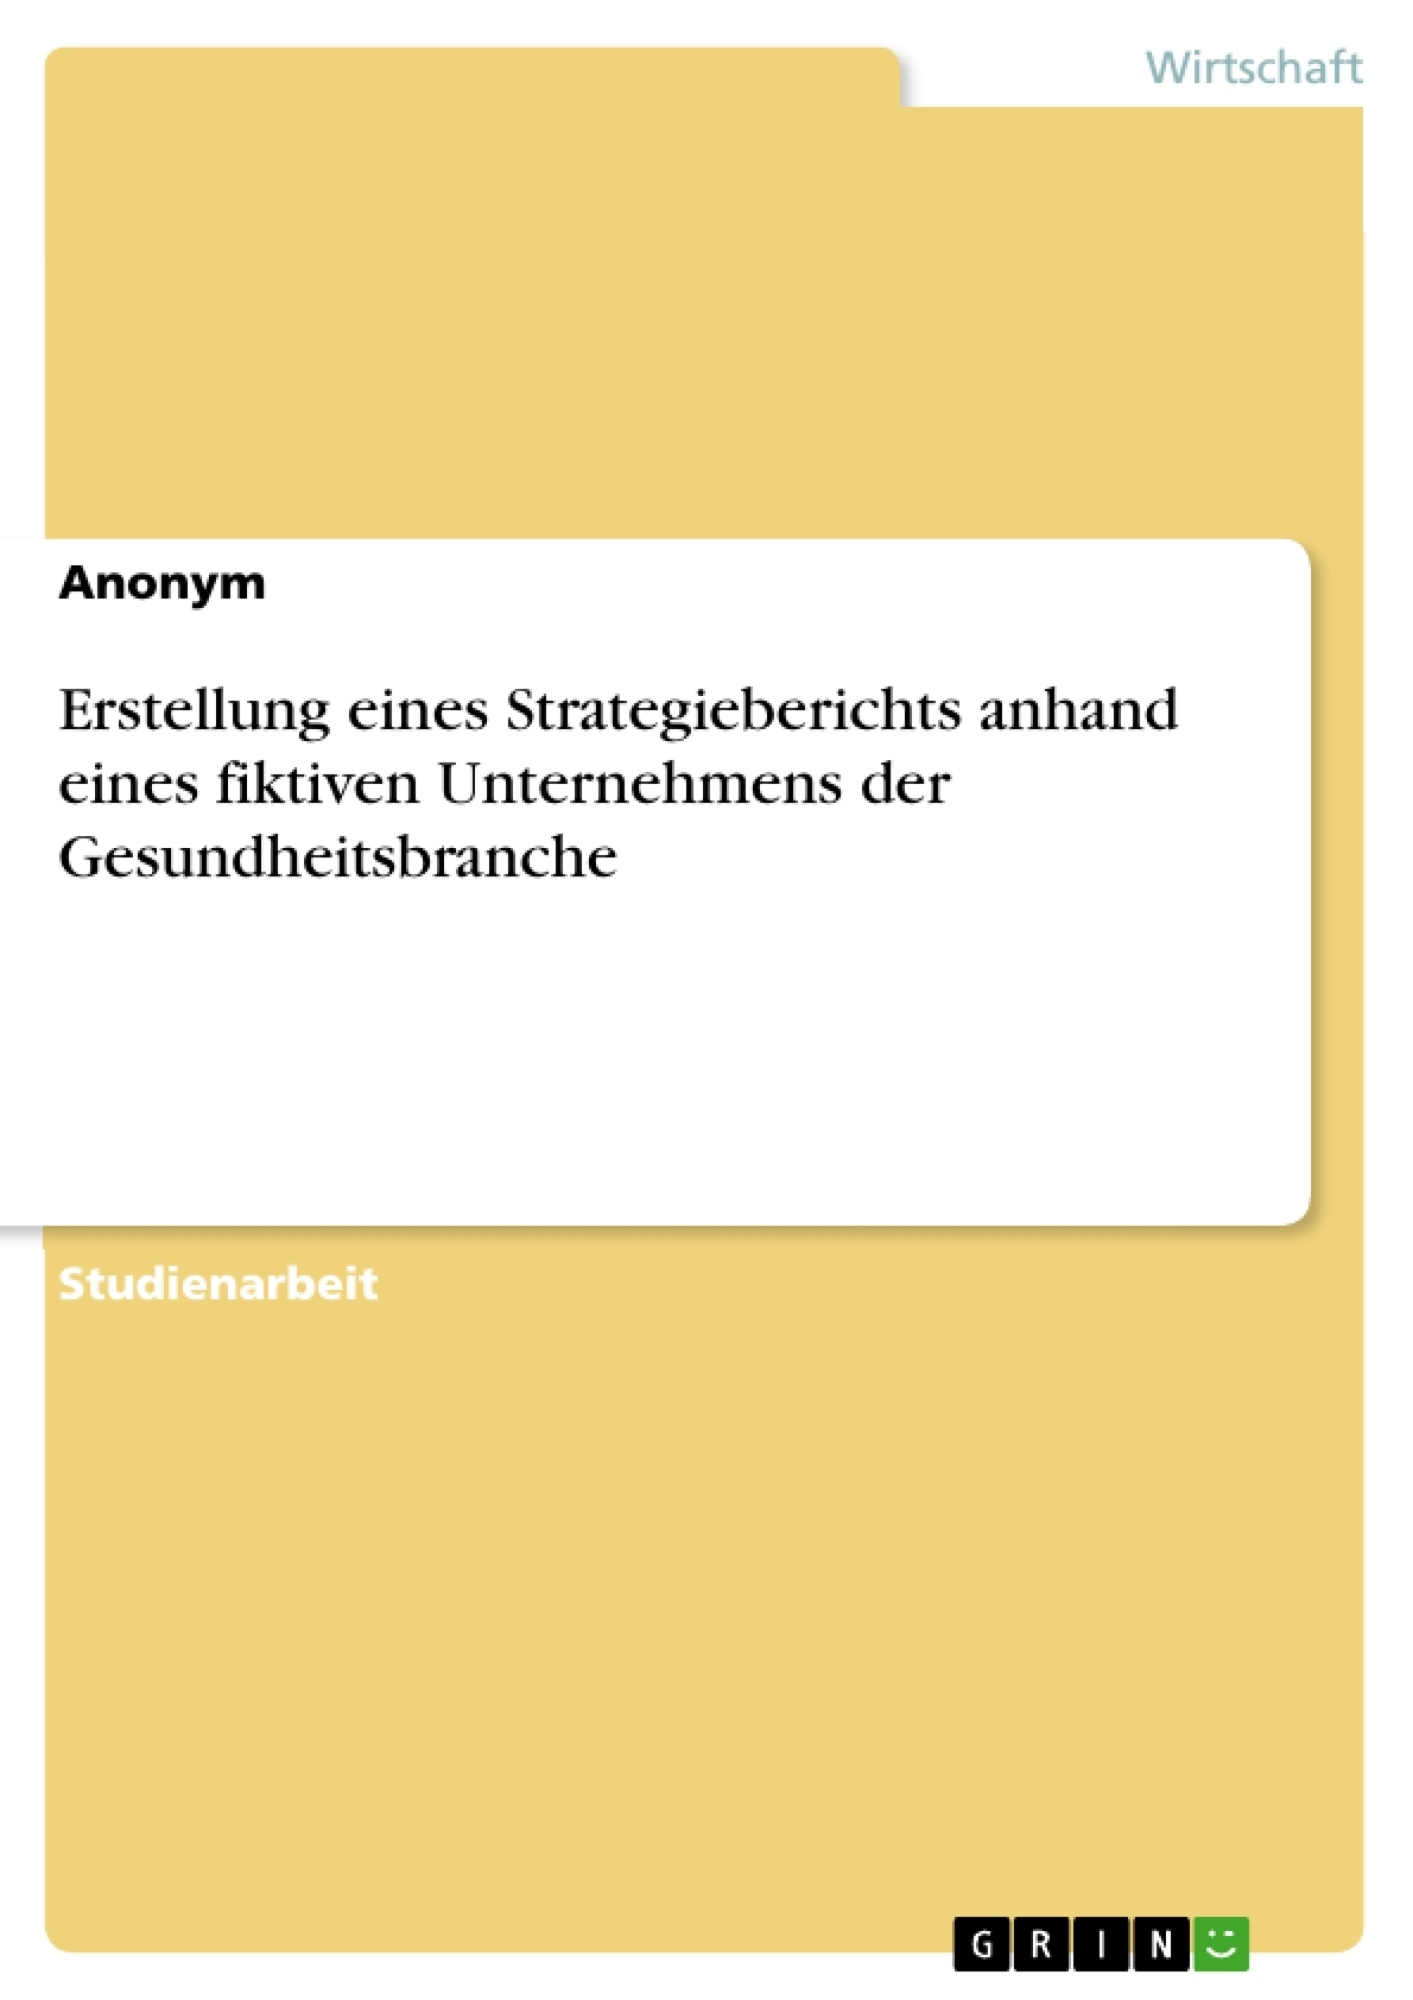 Titel: Erstellung eines Strategieberichts anhand eines fiktiven Unternehmens der Gesundheitsbranche